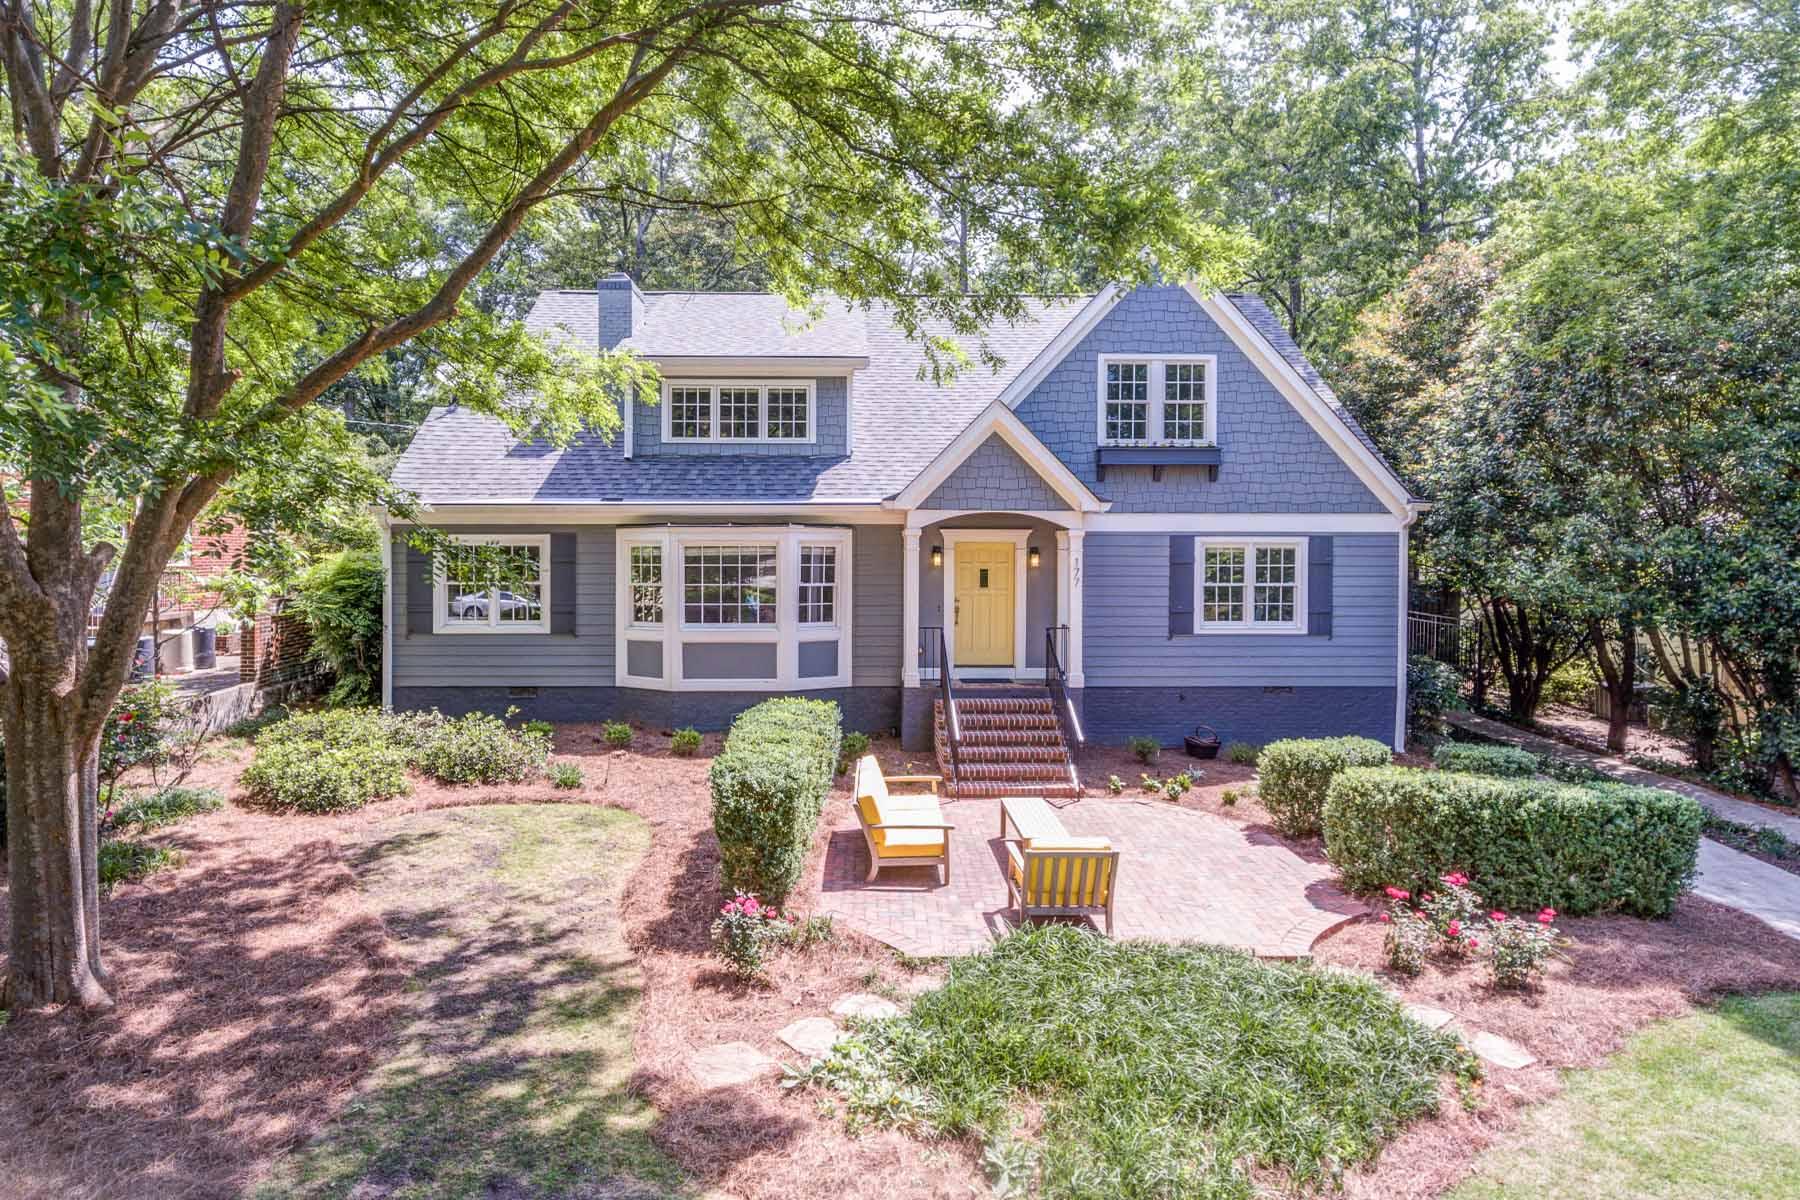 Maison unifamiliale pour l Vente à Simply Stunning 177 Mount Vernon Drive Decatur, Georgia, 30030 États-Unis